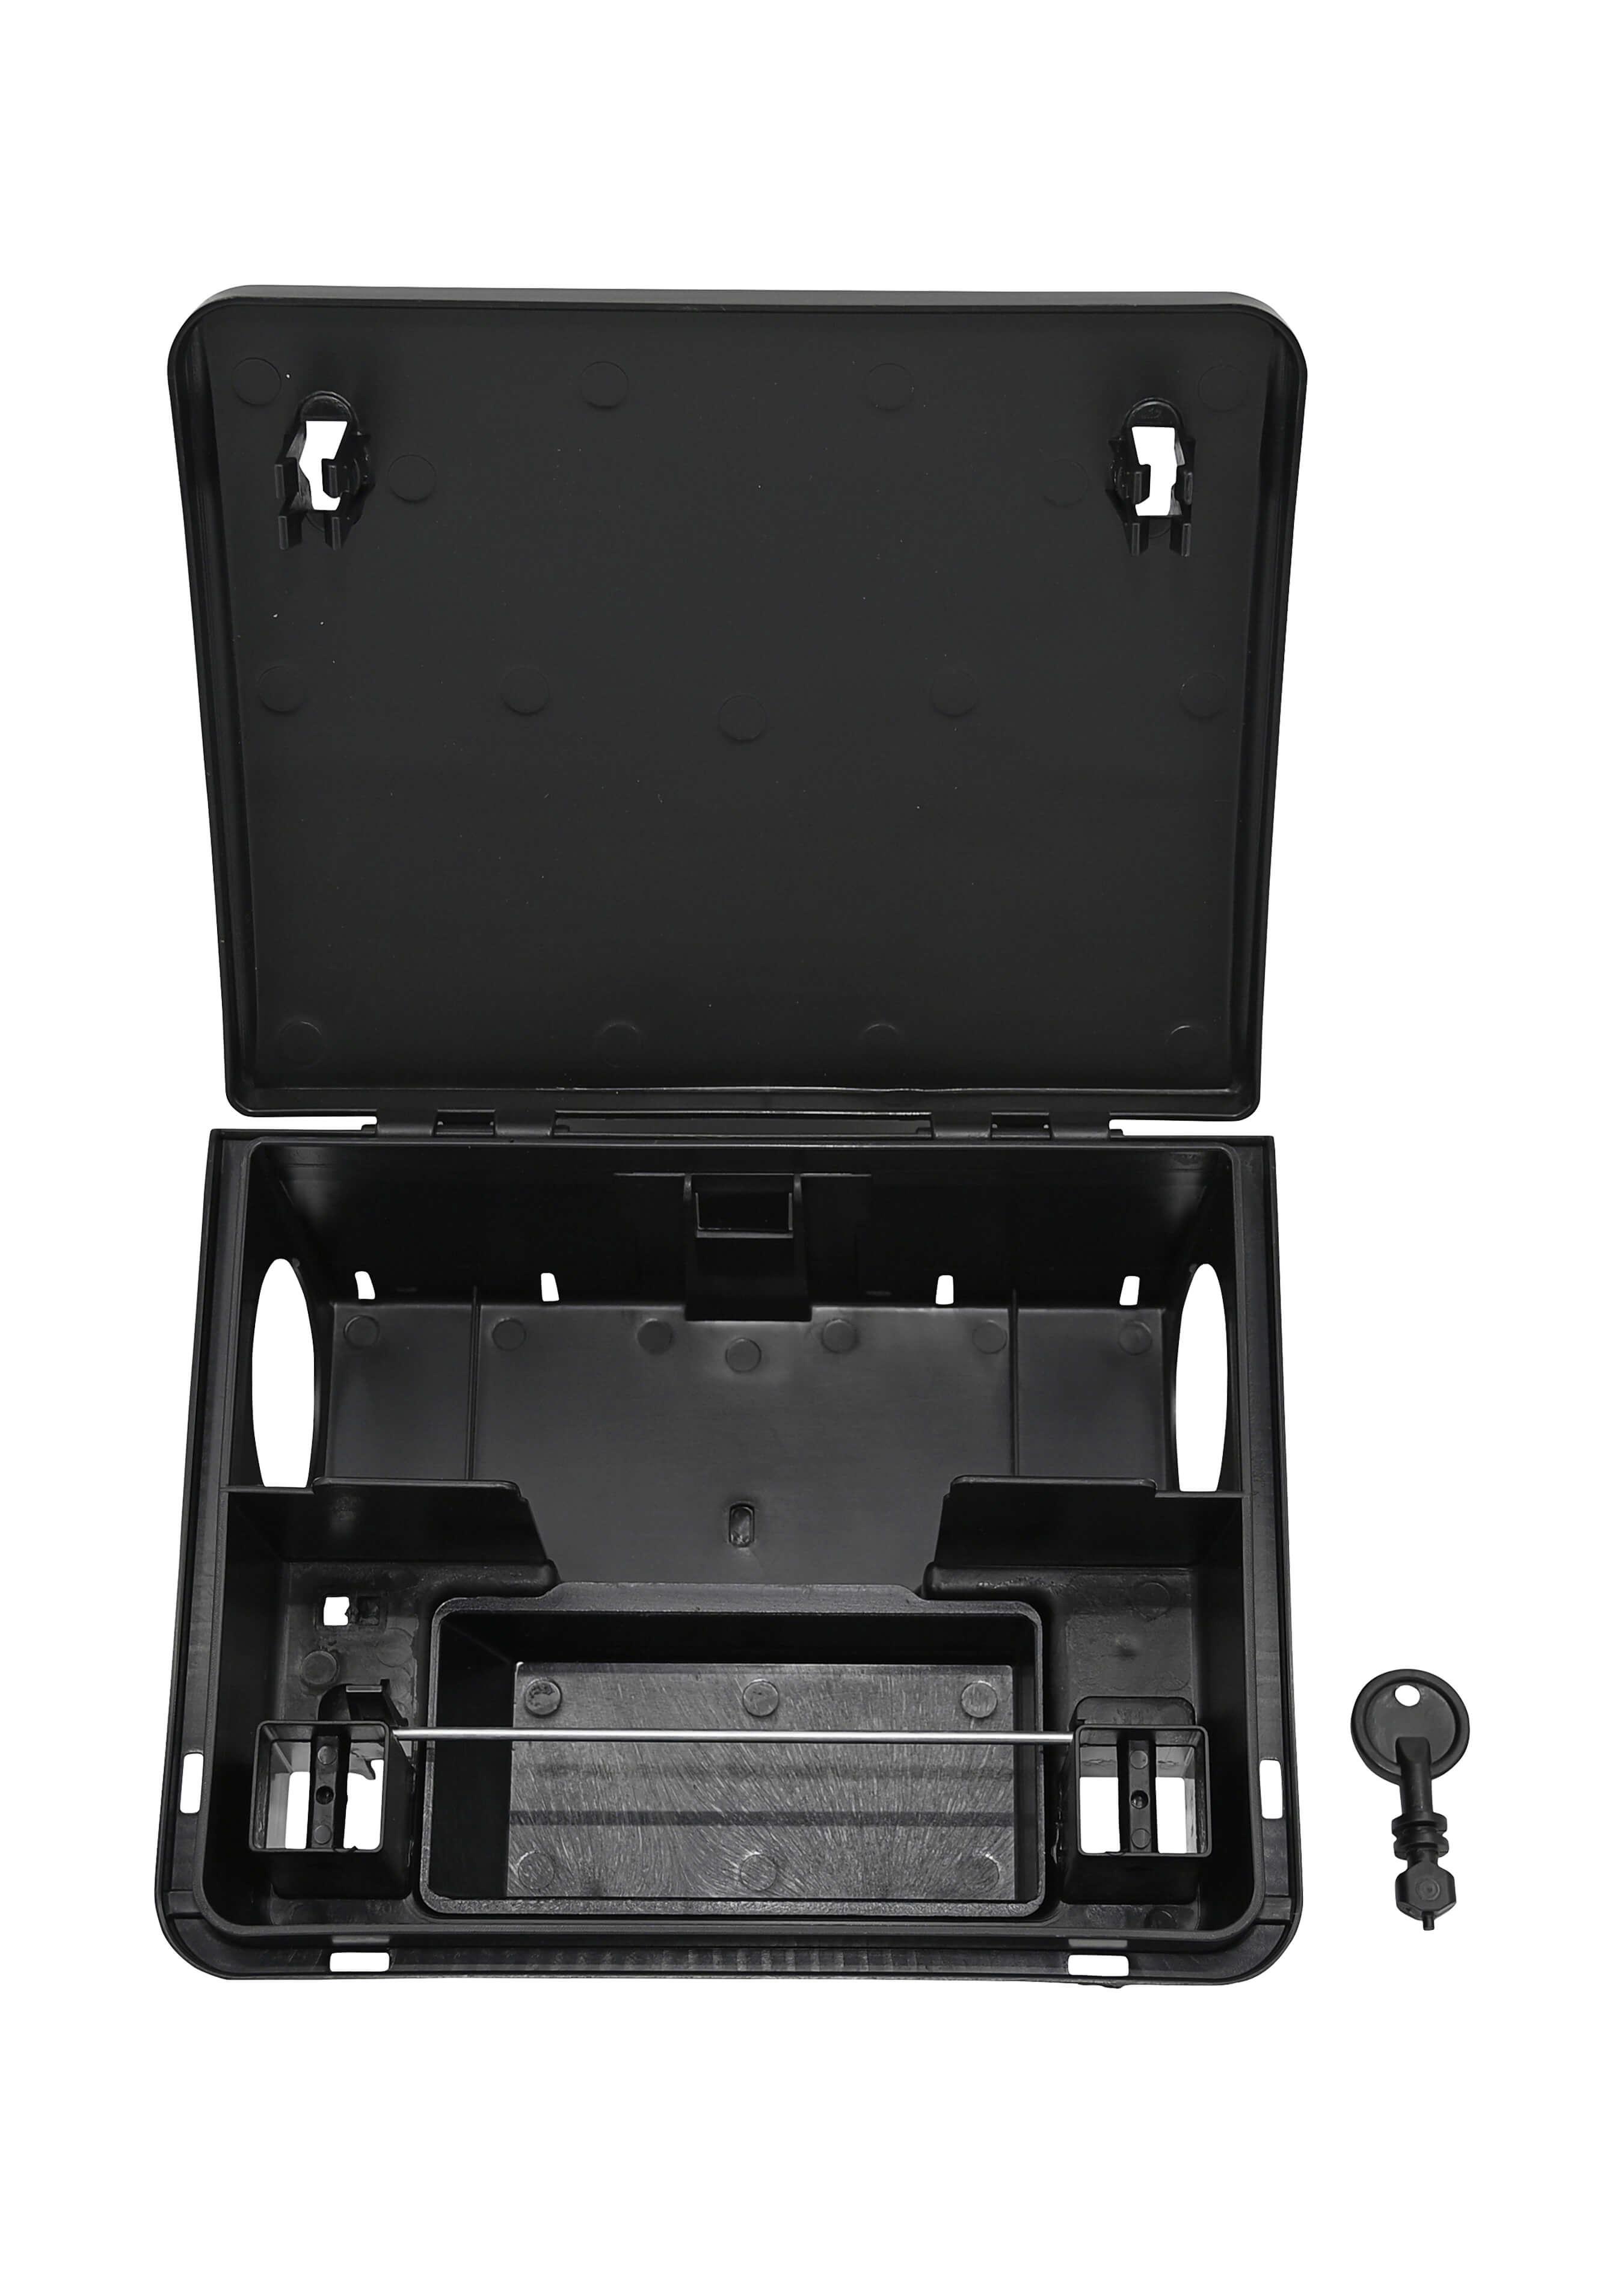 Abschliessbare Köder-Box L1151 2